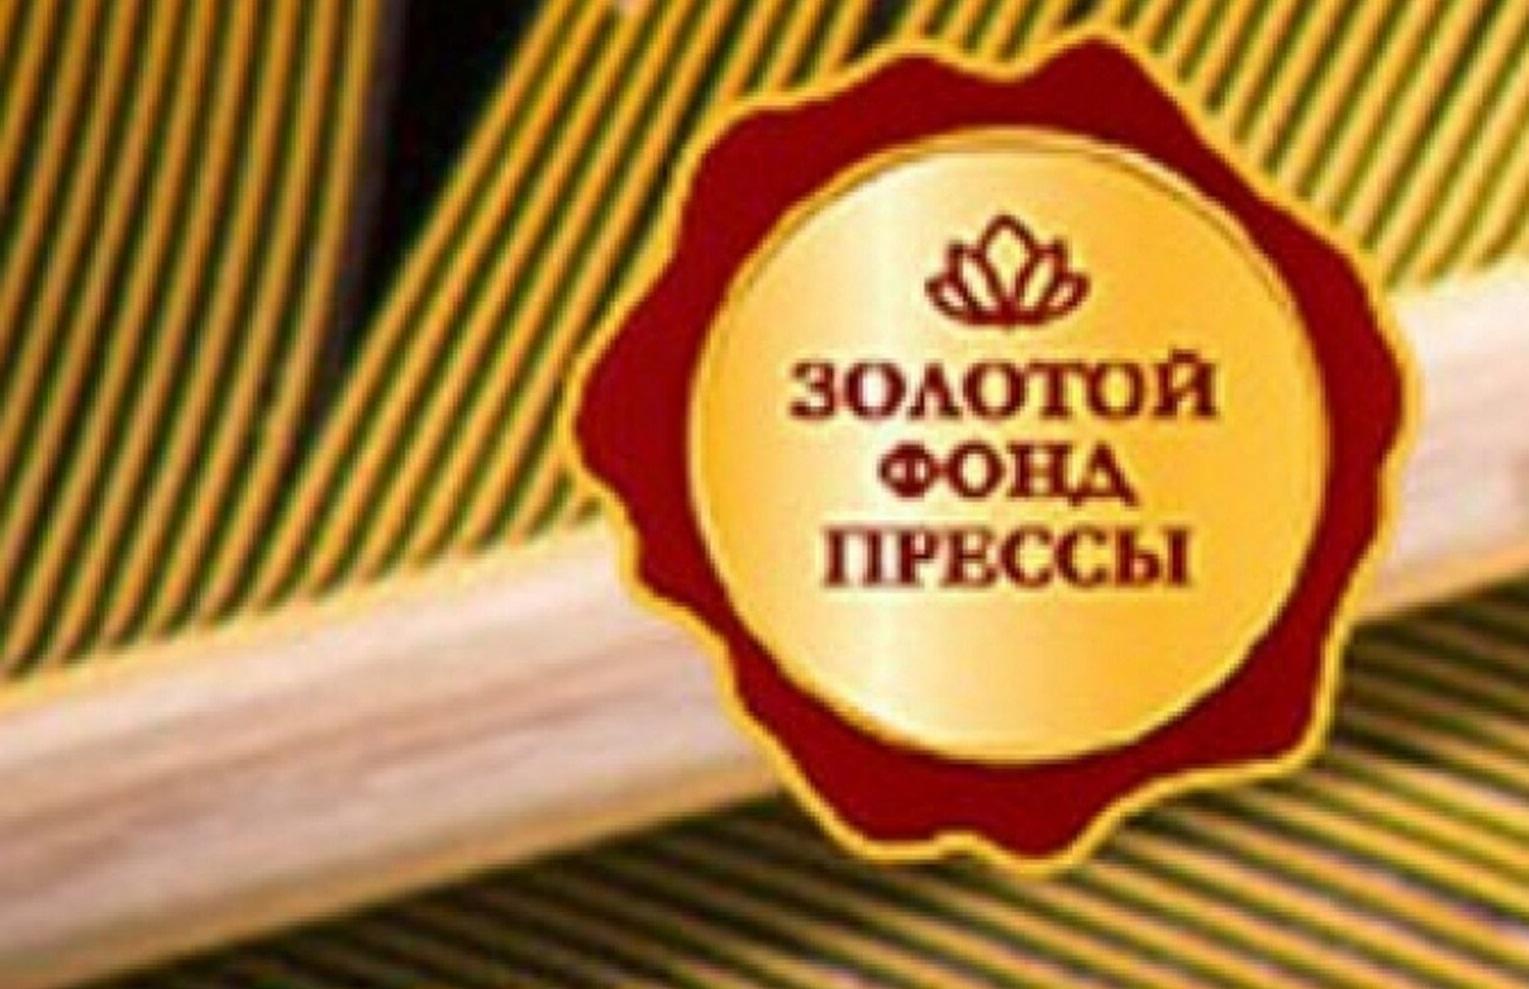 Продолжается прием заявок на участие в проекте «Золотой фонд прессы - 2021»